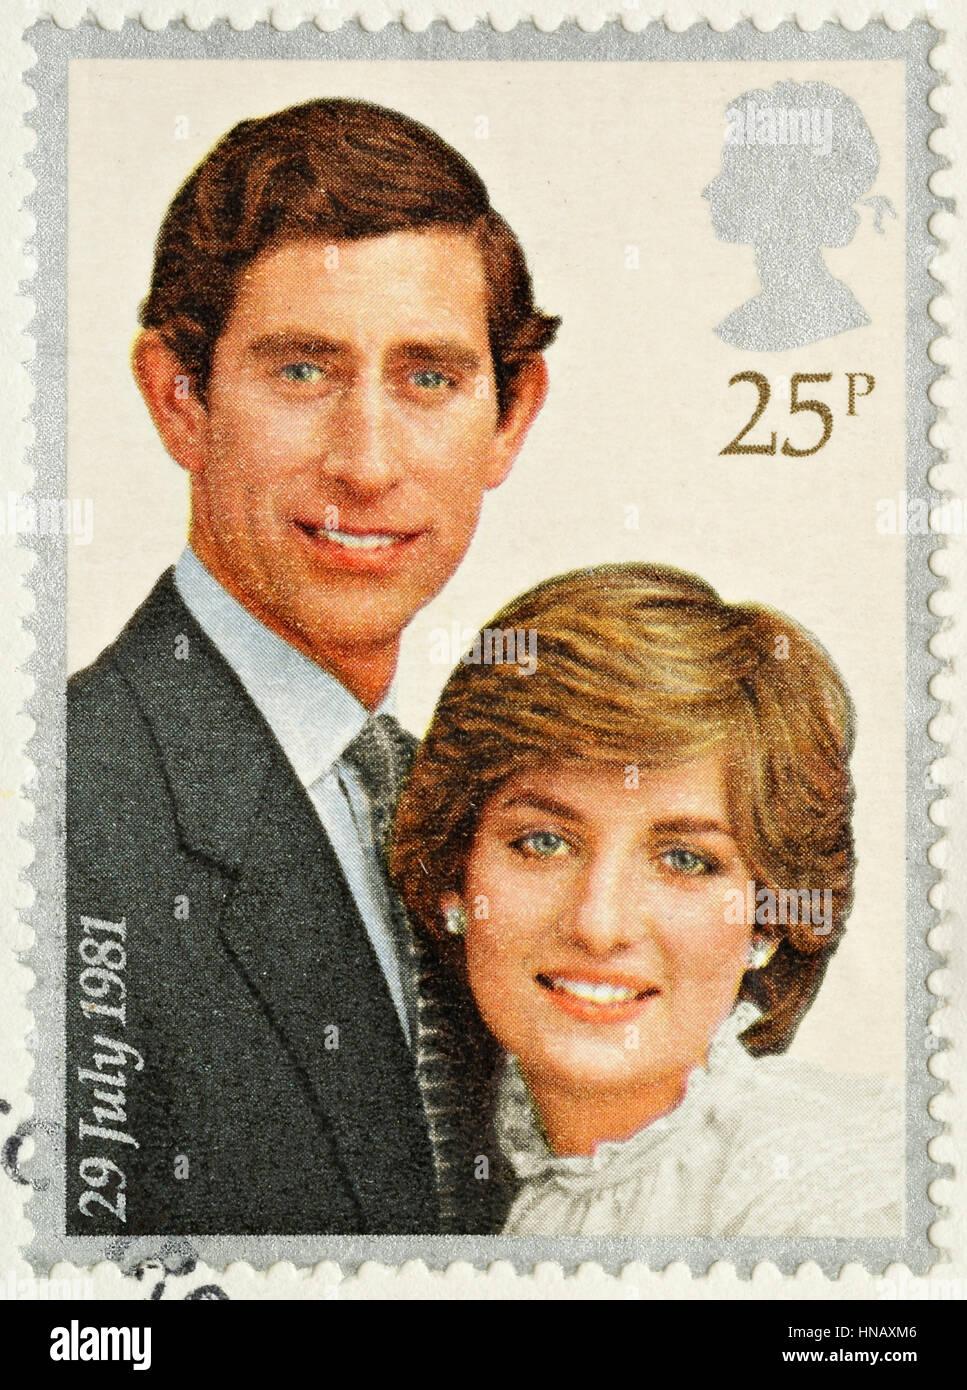 Vereinigtes Königreich - ca. 1981: A britische verwendete Briefmarke feiert die königliche Hochzeit von Prinz Charles und Lady Diana Spencer Stockfoto